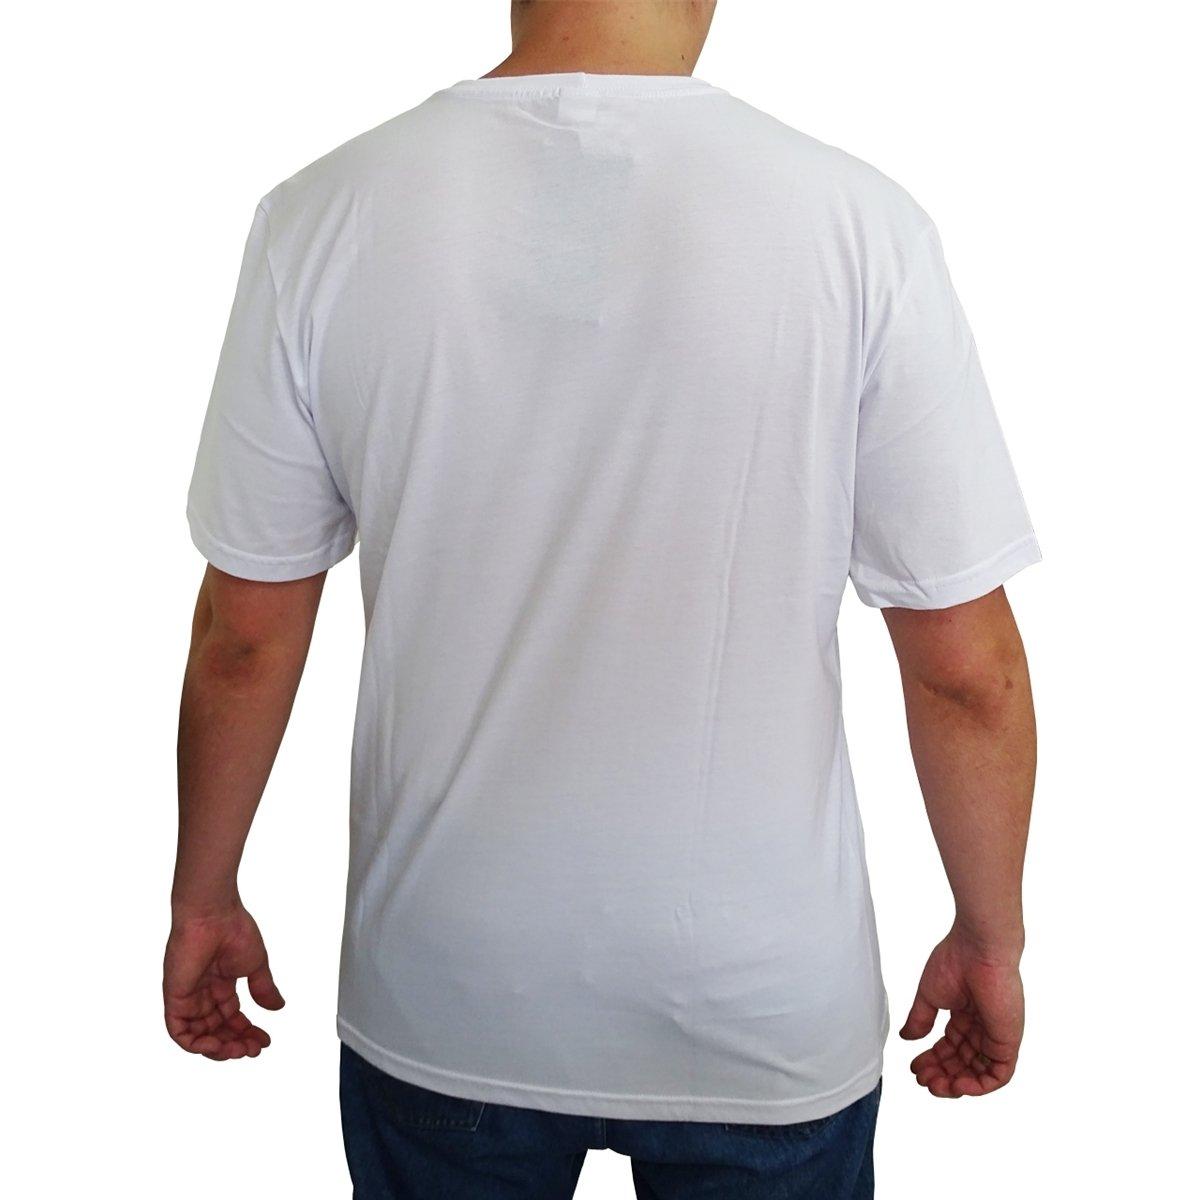 Camiseta Vida Marinha Manga Curta  Camiseta Vida Marinha Manga Curta b9ccf04852447